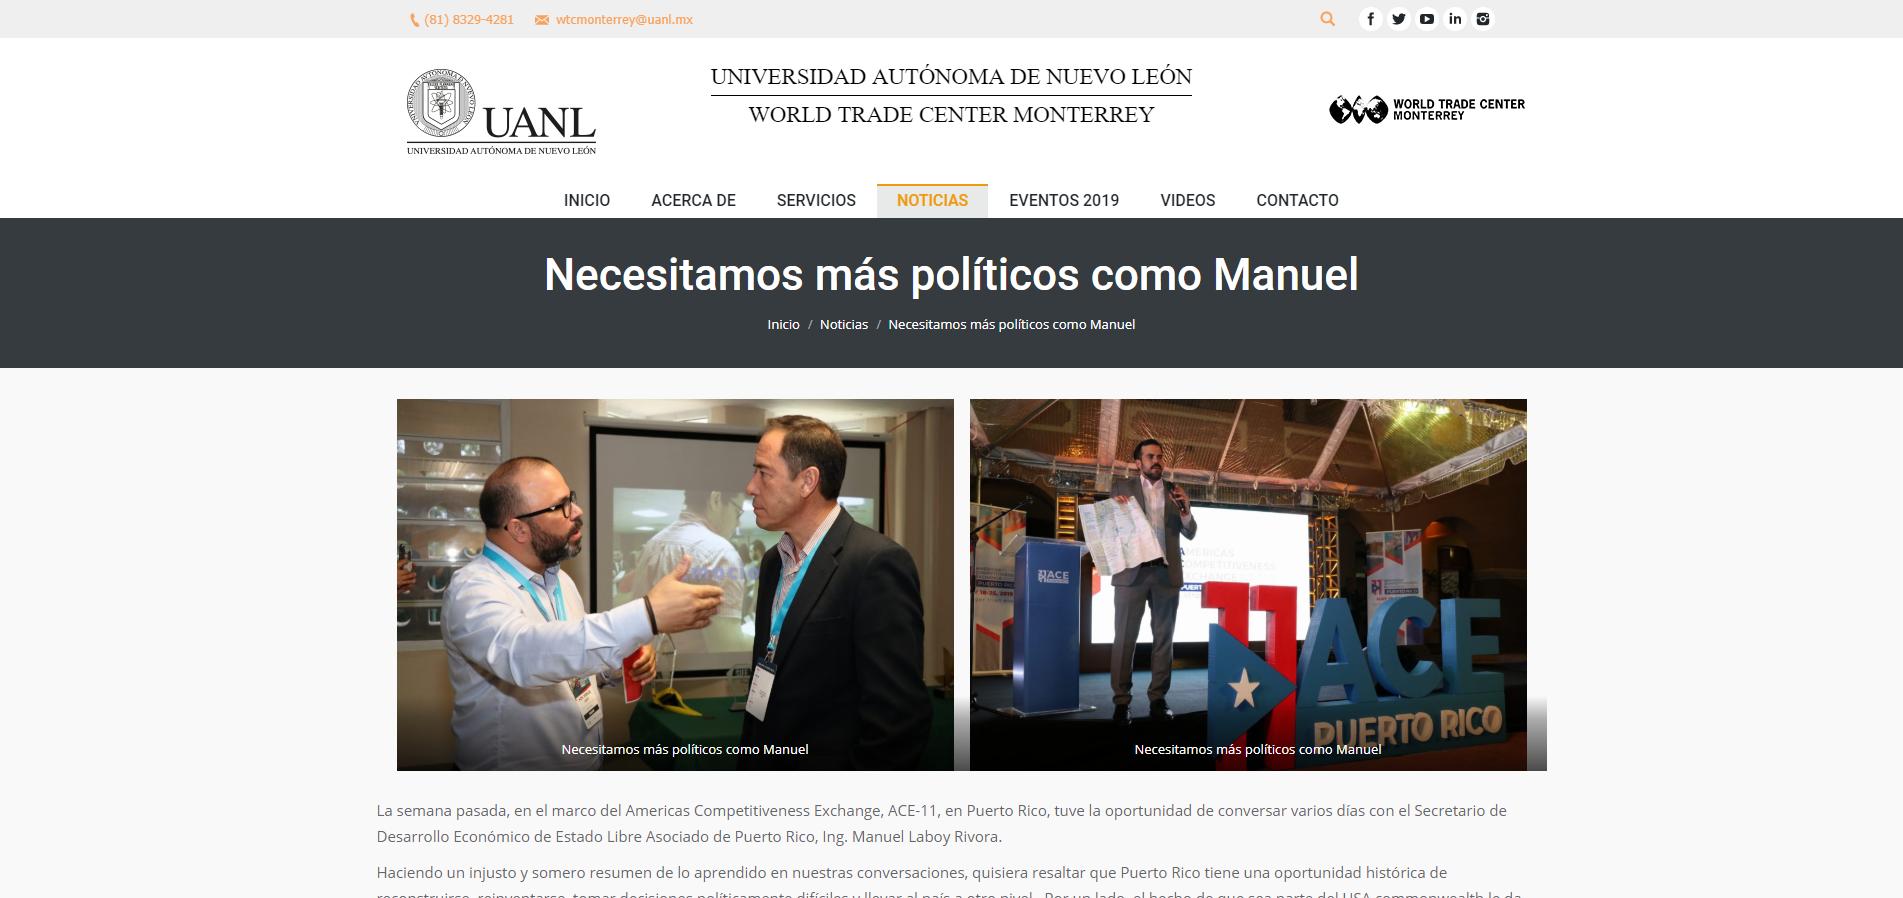 """""""Necesitamos Más Políticos como Manuel"""", World Trade Center Monterrey de la Universidad Autónoma de Nuevo León"""